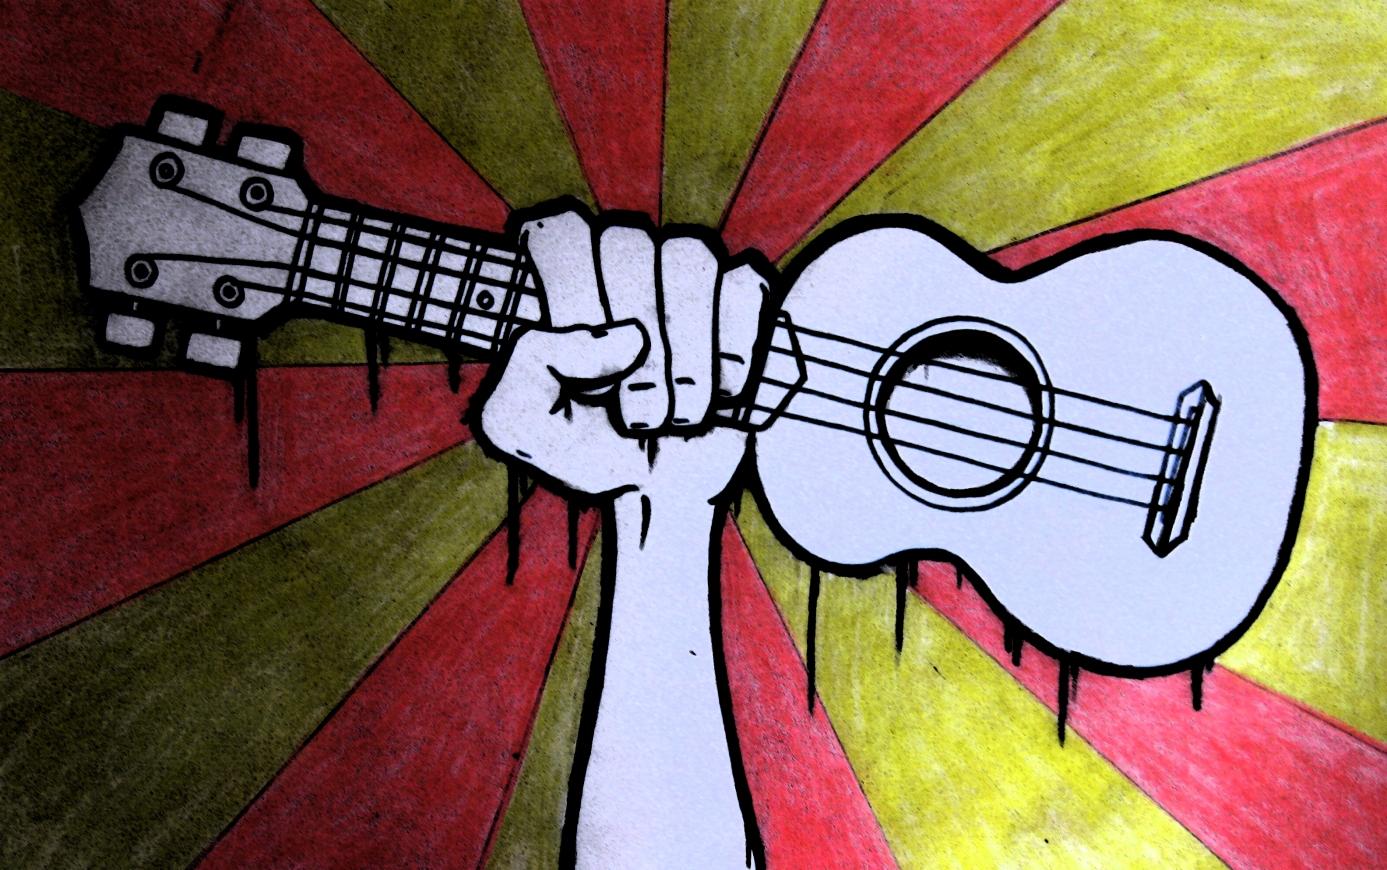 viva_la_ukulele_by_rathawk